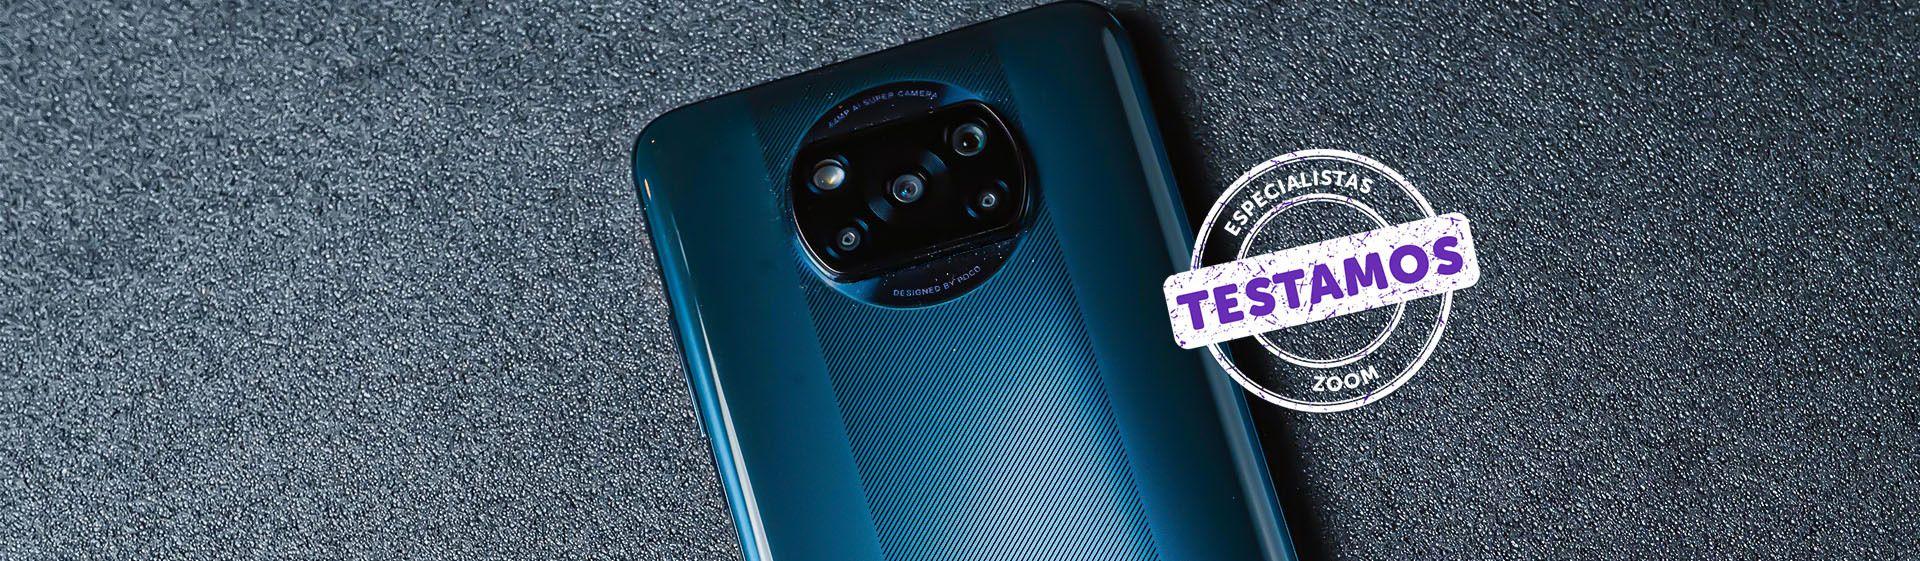 Poco X3: celular gamer tem ótima bateria e tela de 120 Hz